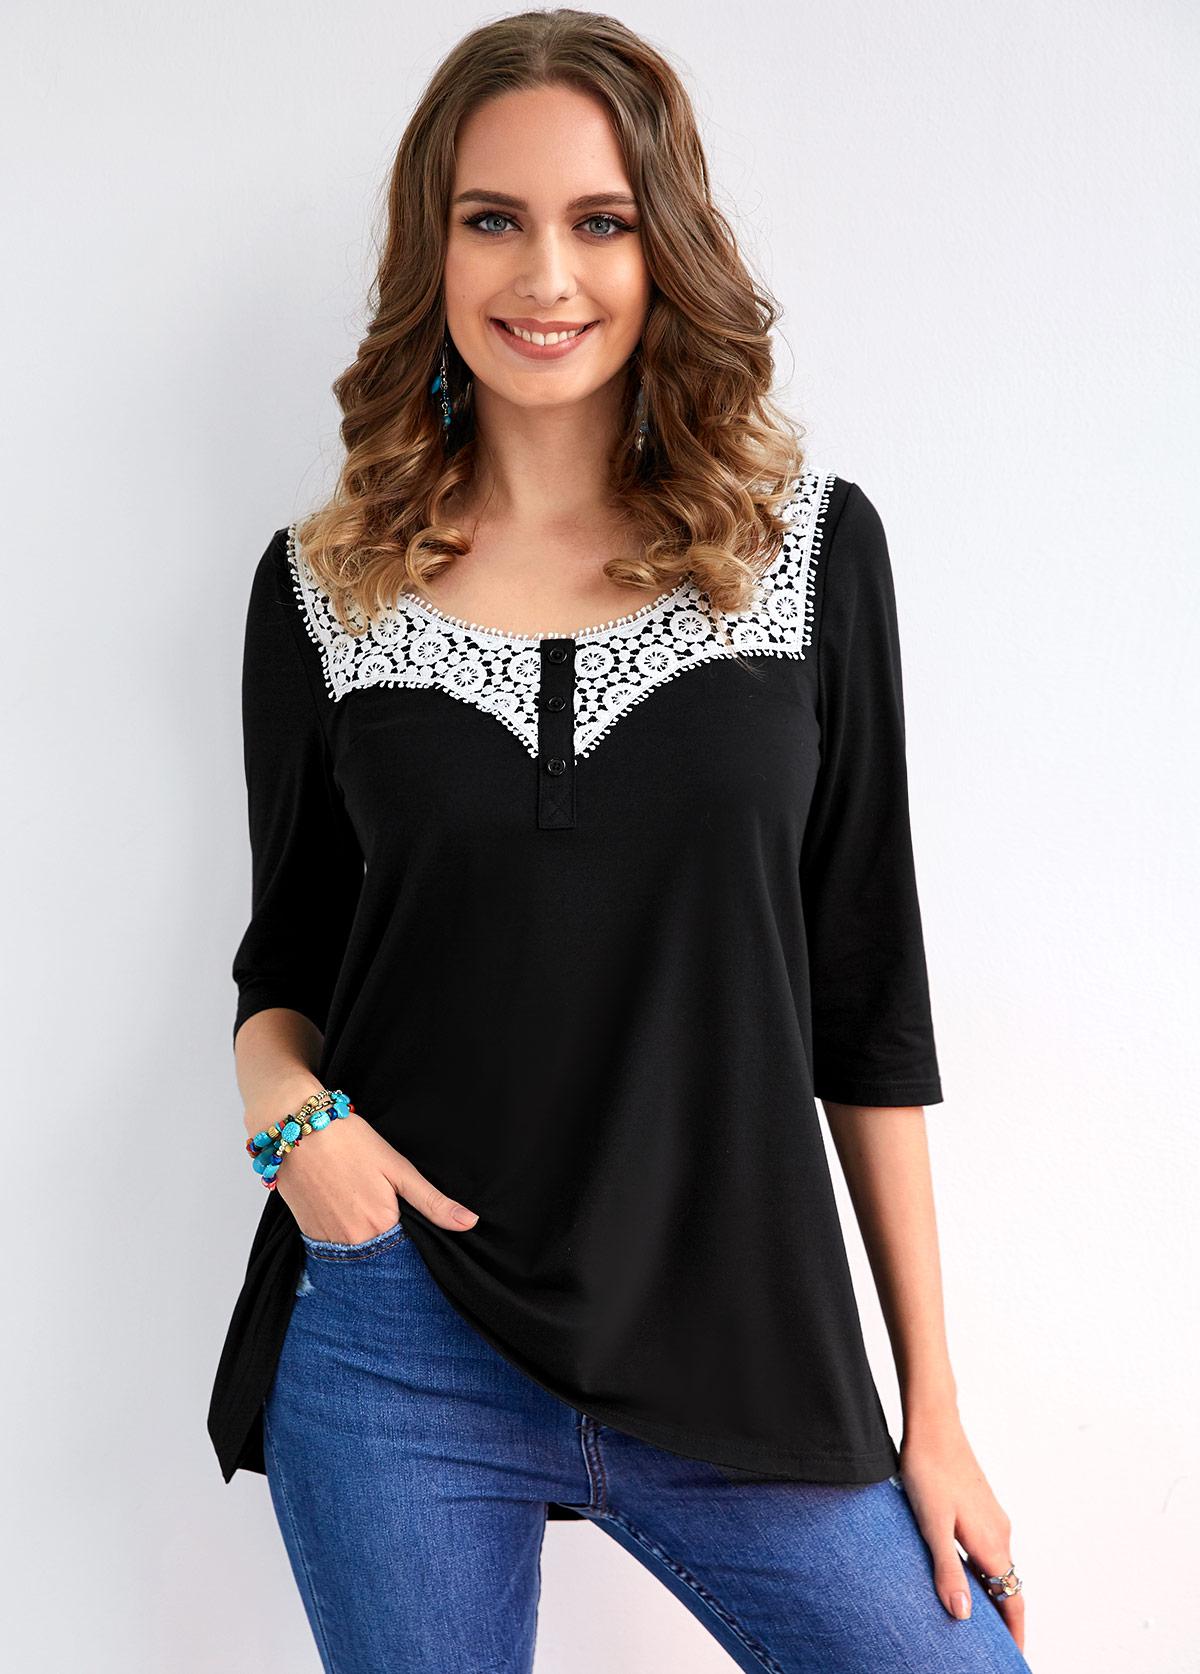 ROTITA 3/4 Sleeve Lace Stitching Decorative Button T Shirt